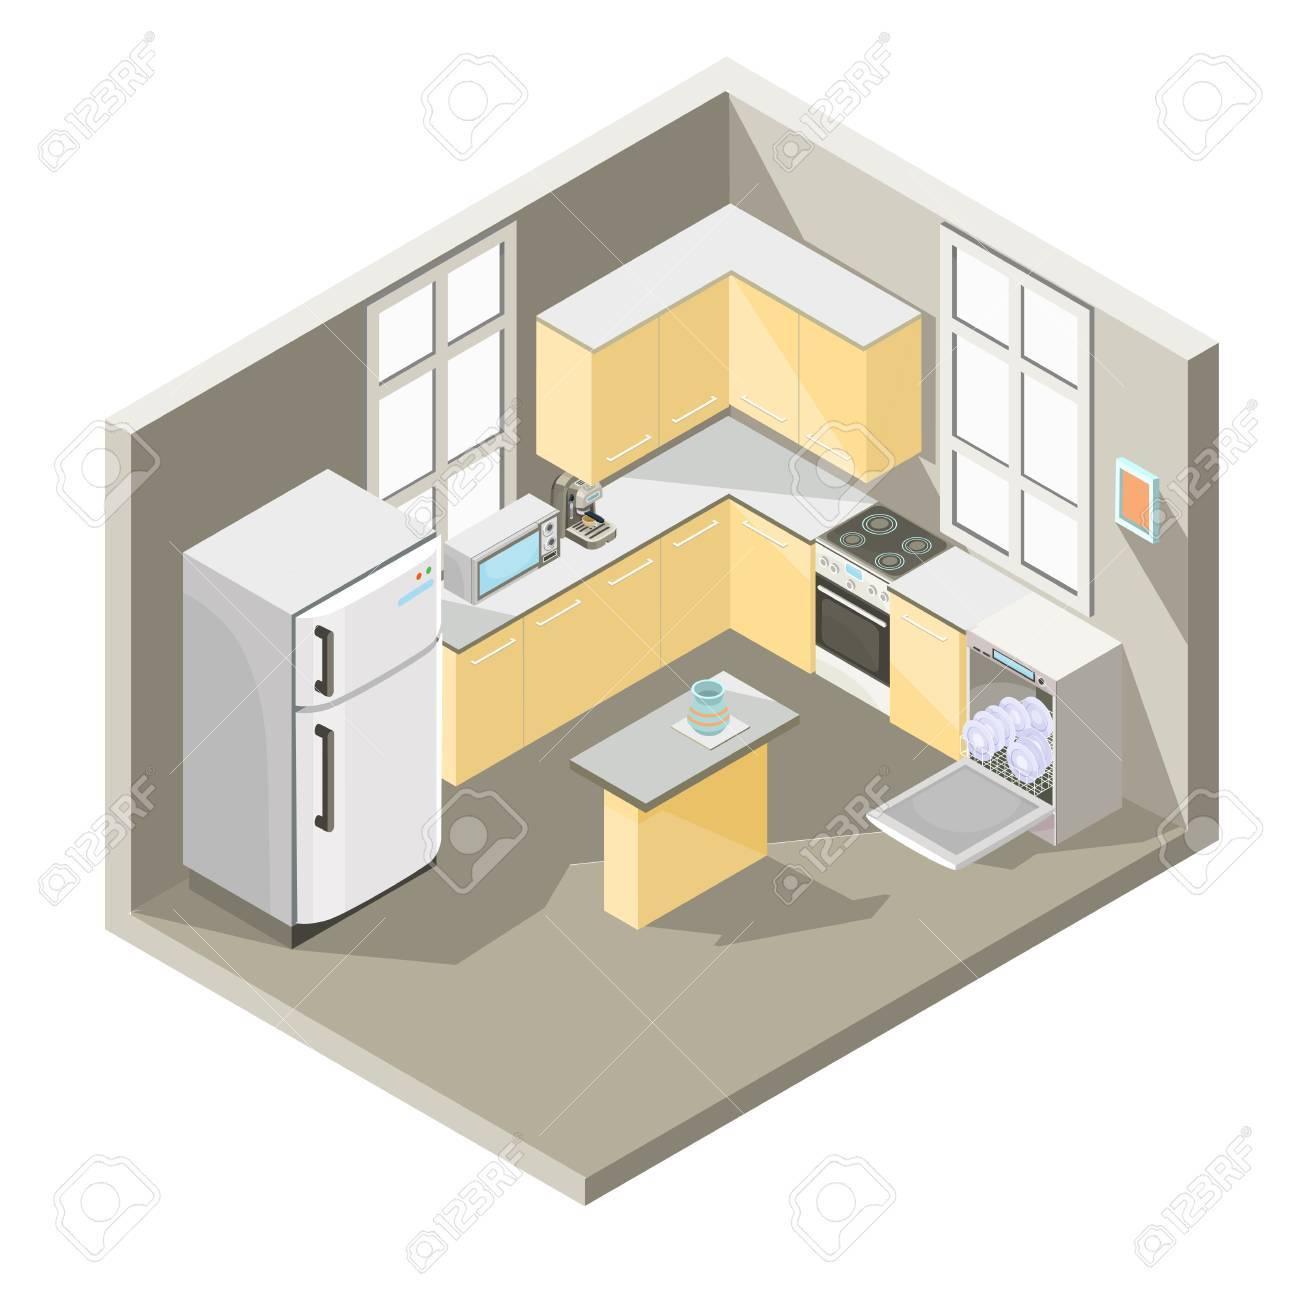 Isometrische Illustration Design Einer Küche Mit Esstisch ...